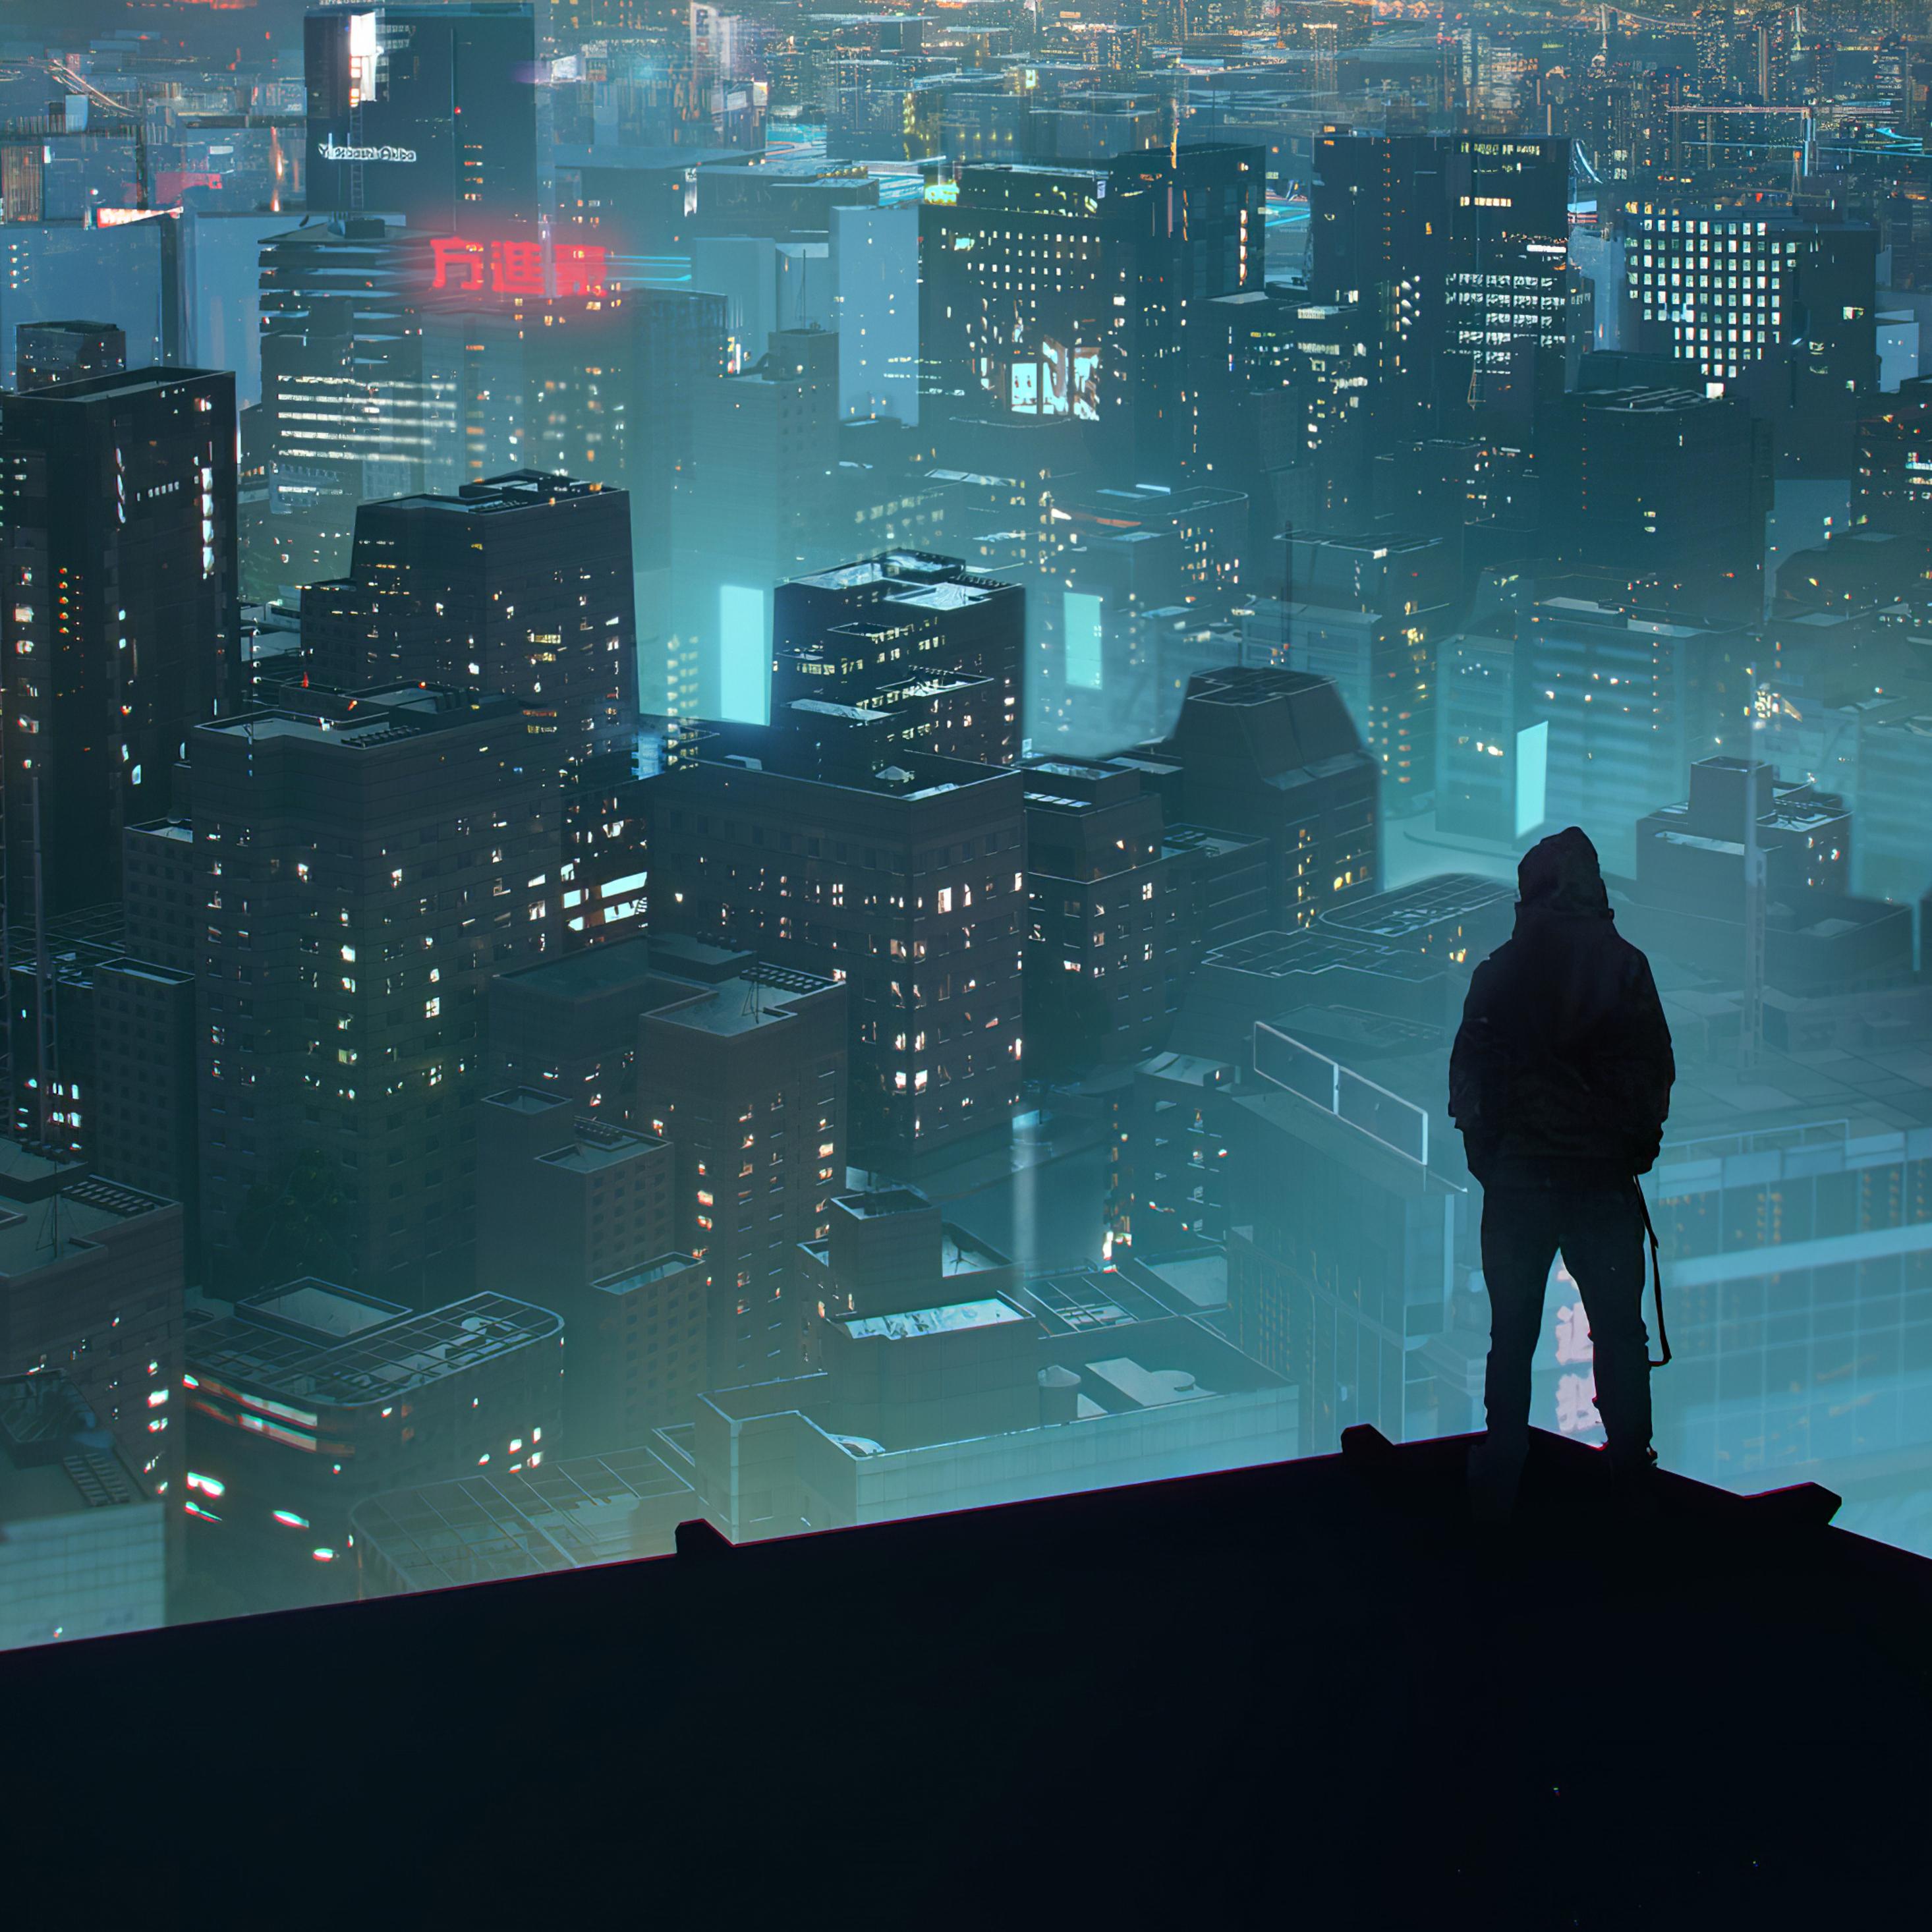 rooftop-scifi-anonymus-hoodie-guy-4k-yu.jpg